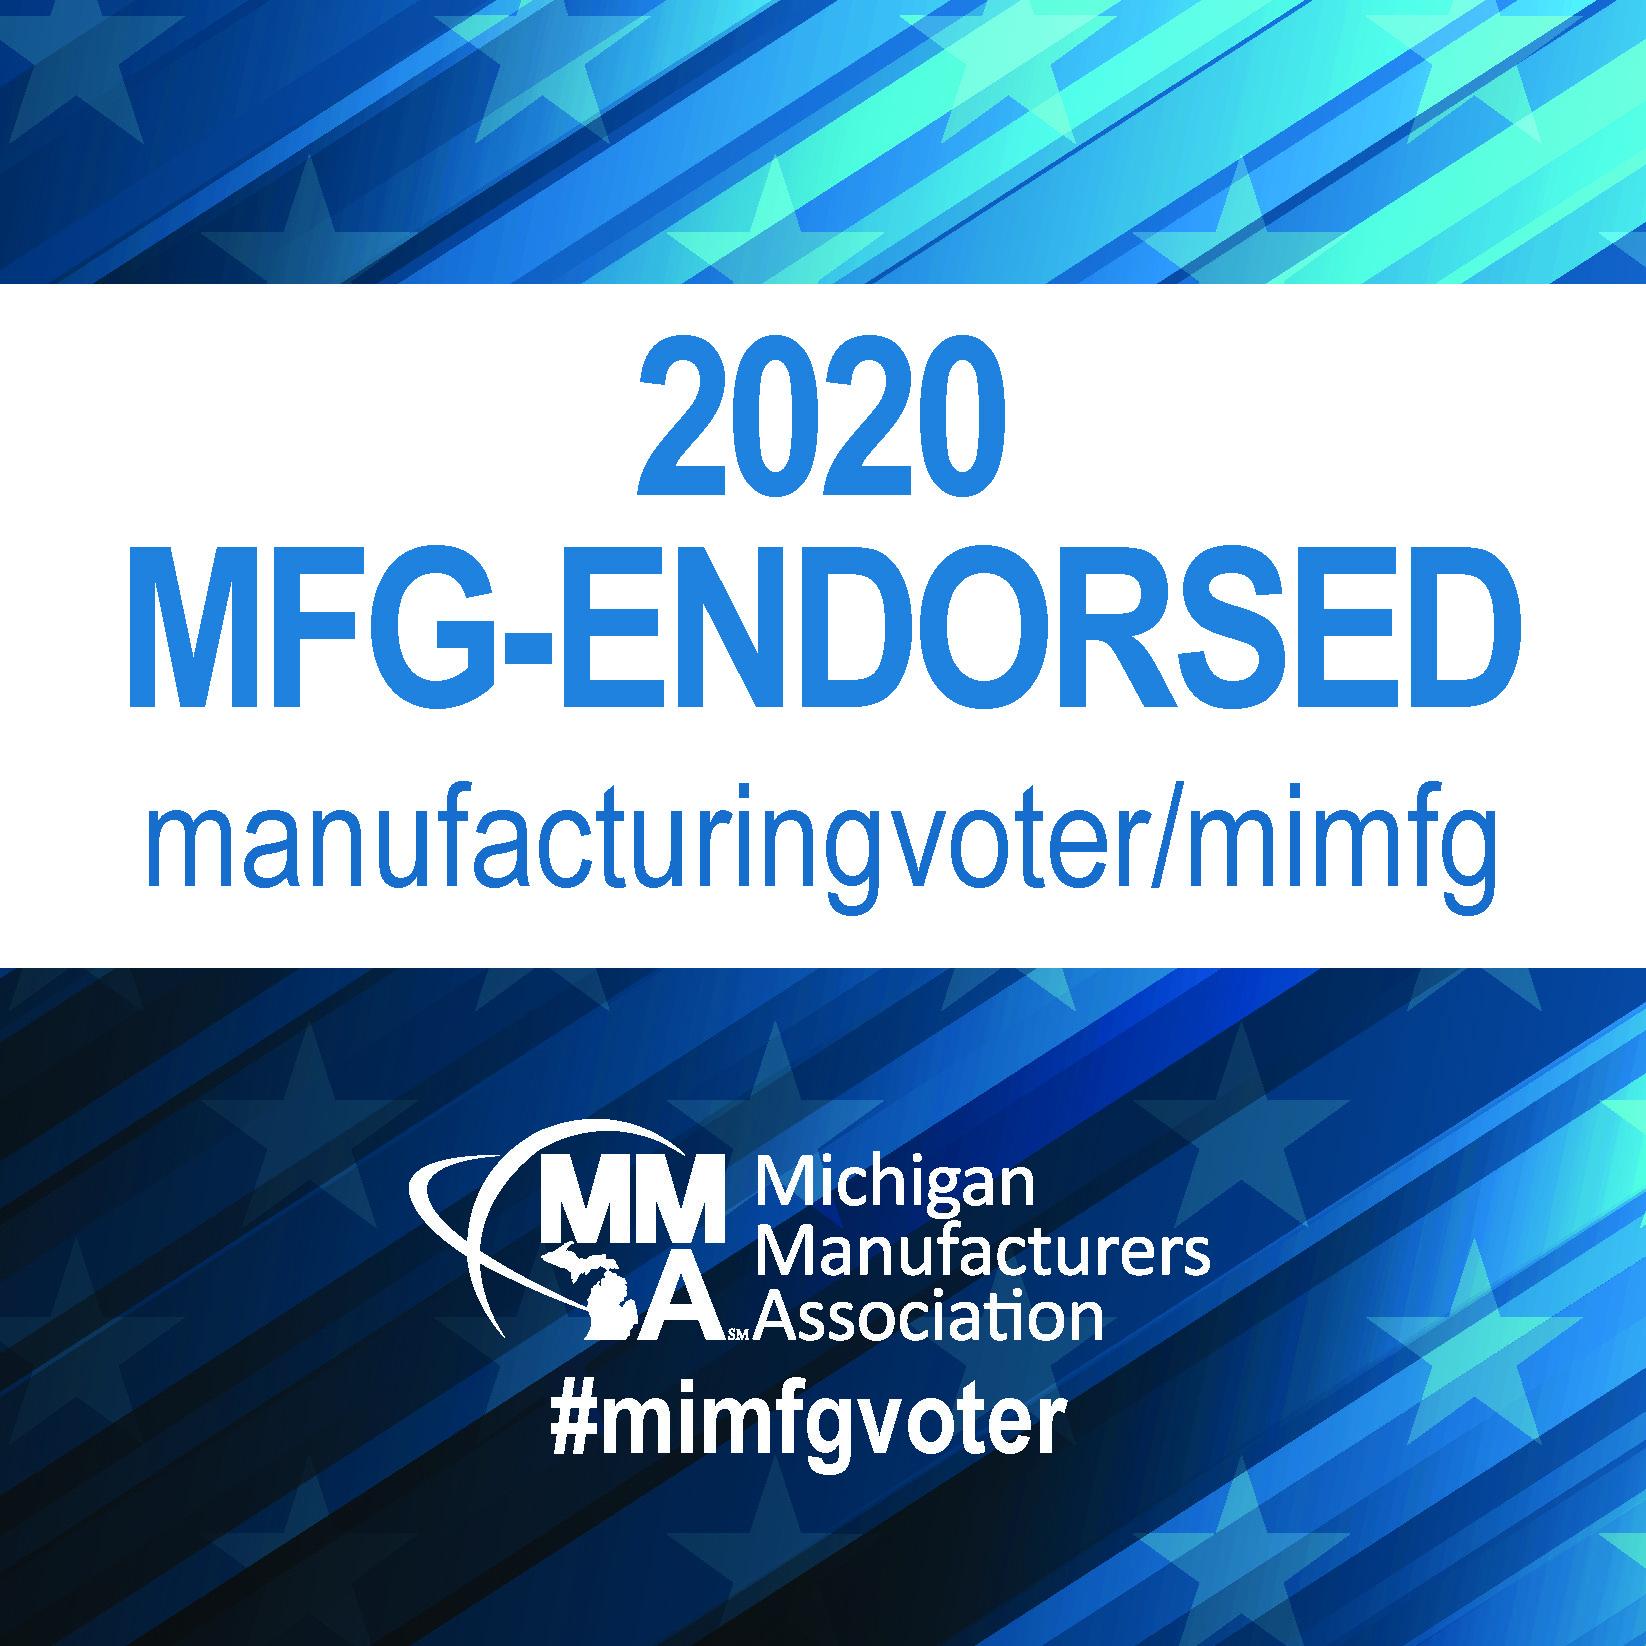 Michigan Manufactures Association